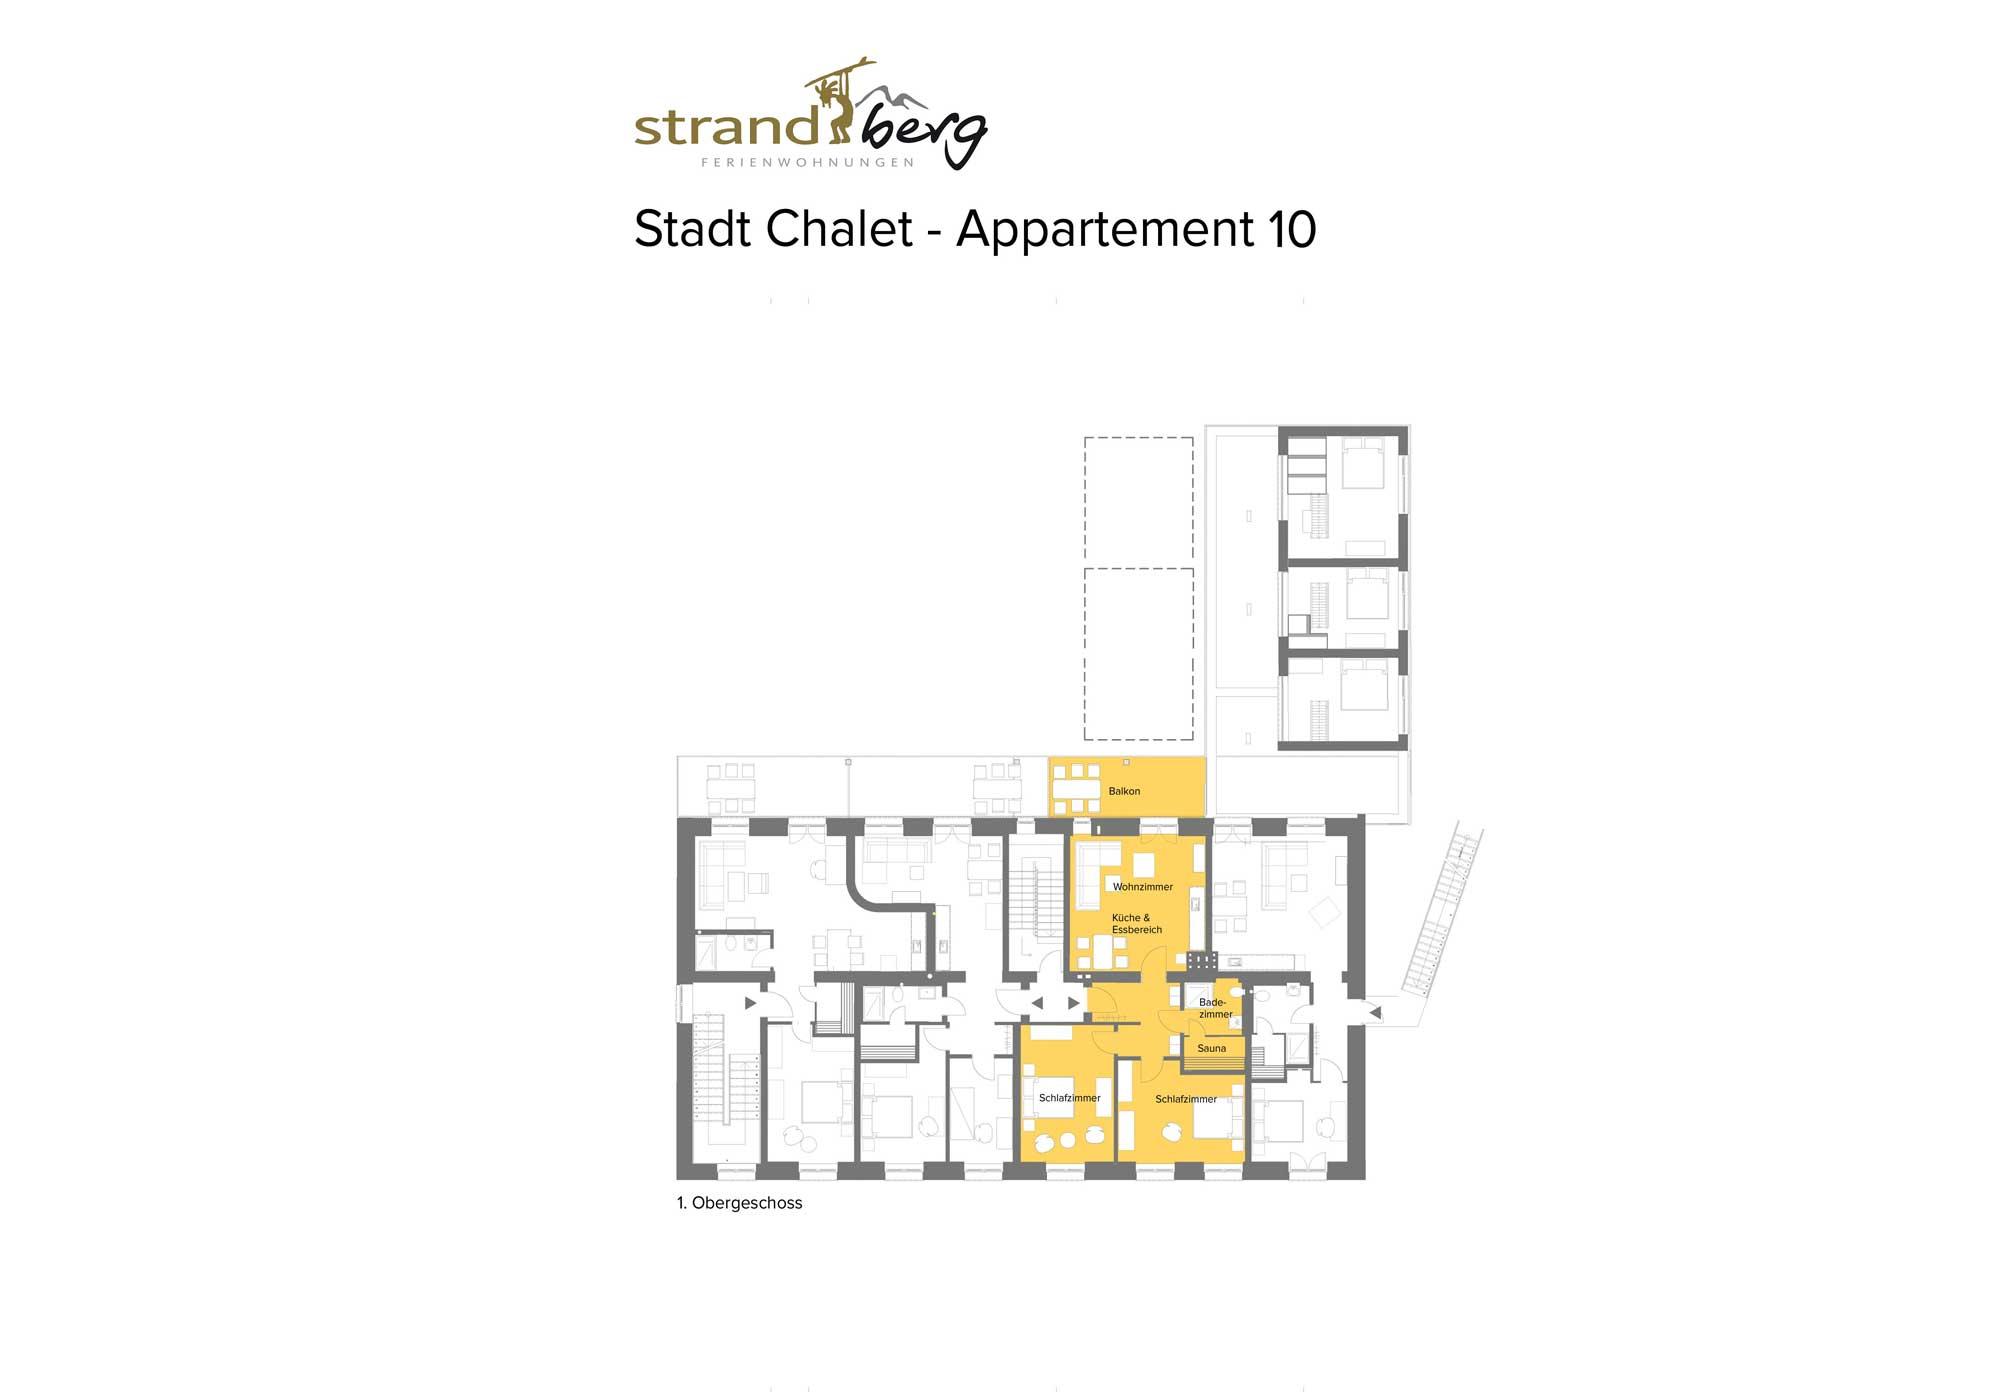 Stadt Chalet Appartement 10 - Grundriss